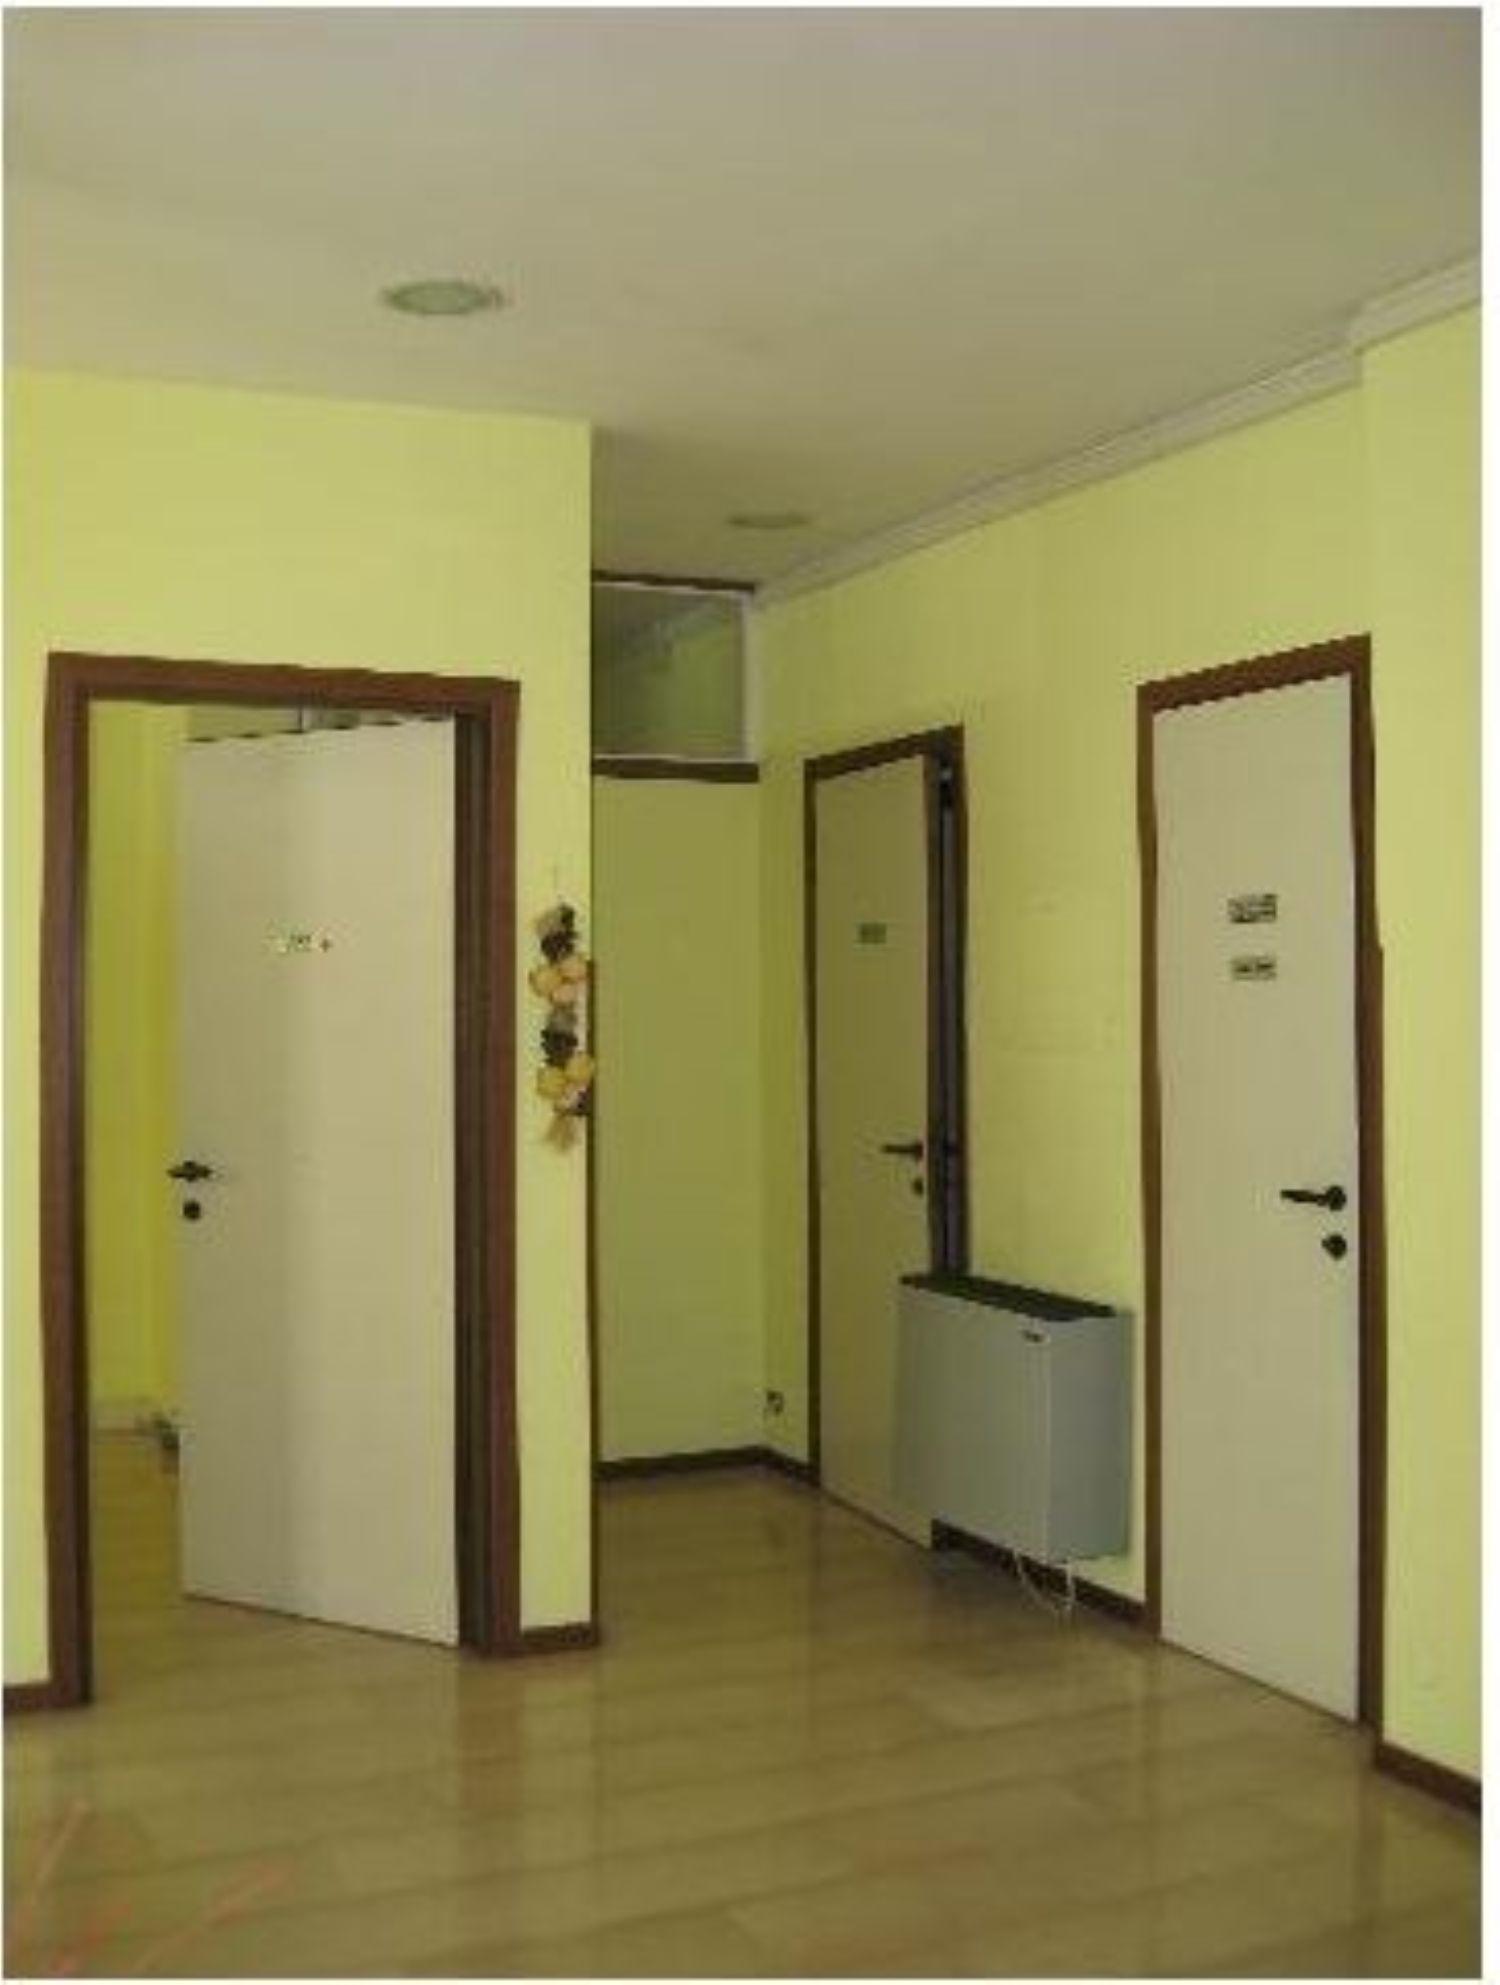 Uffici e studi in affitto a velletri for Affitto appartamento a10 roma